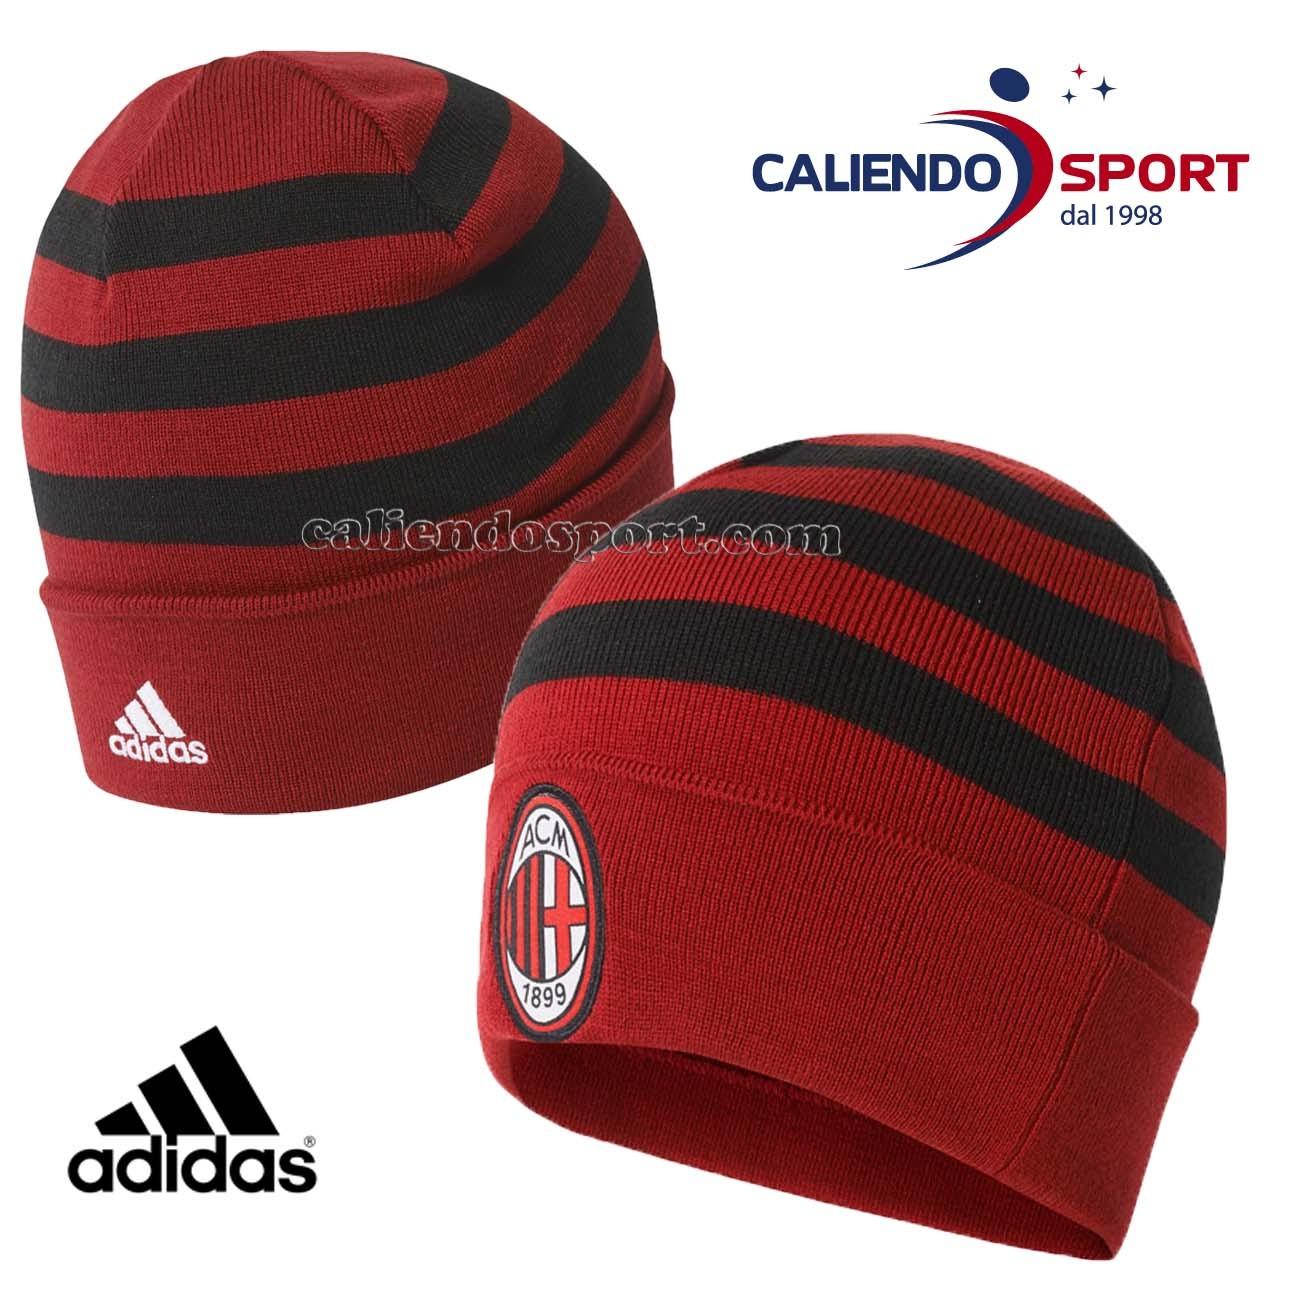 Cappello Ac Milan Adidas Rosso Nero Br7091 Acm 3S Woolie Calcio Unisex 0833a9366bea